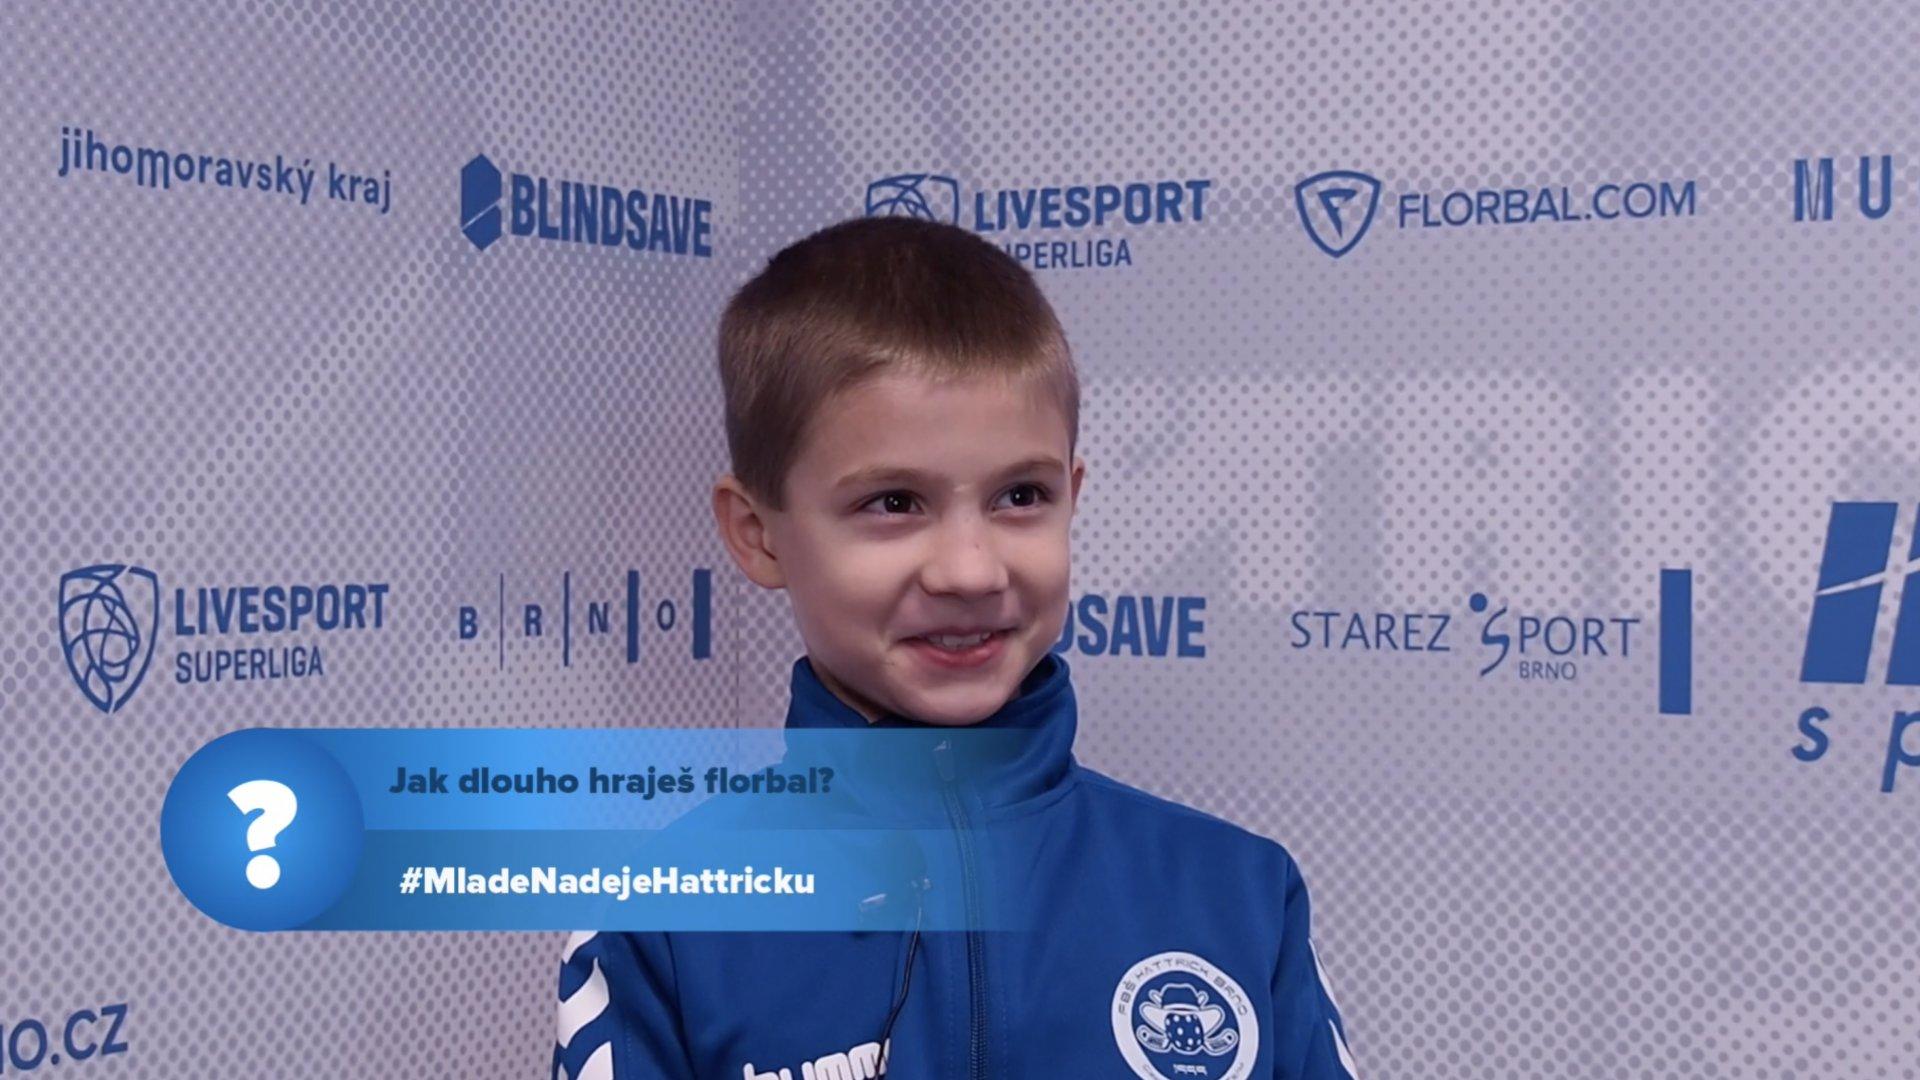 VIDEO: Jak dlouho už hrají florbal mladé naděje Hattricku?